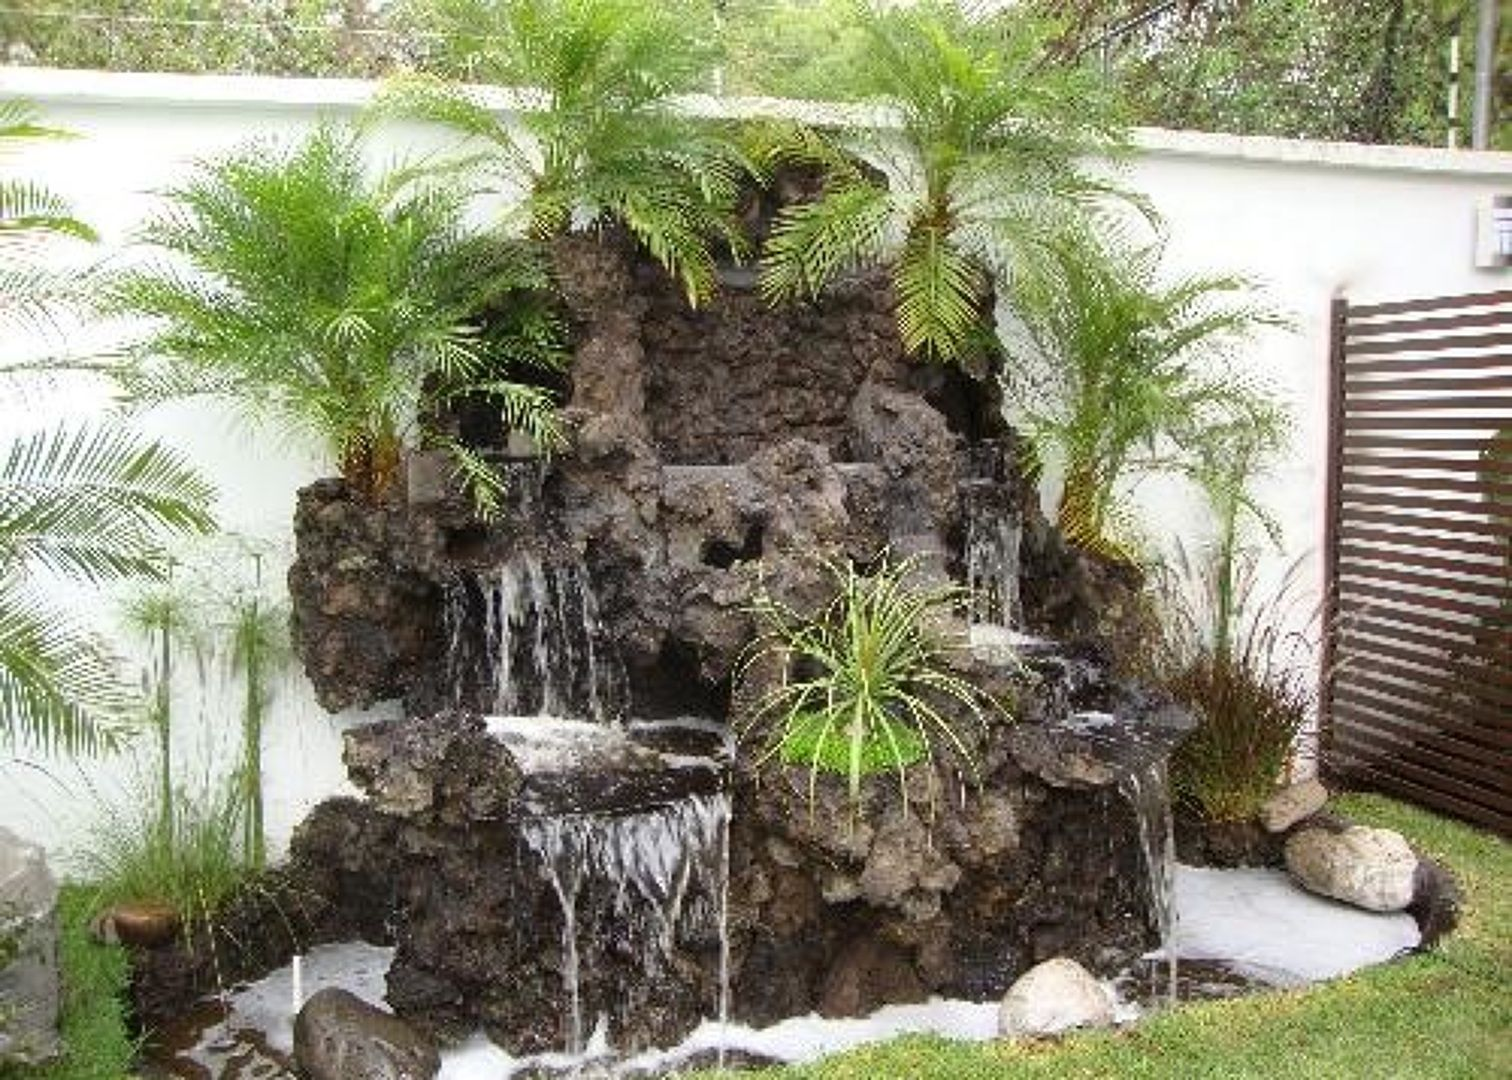 Cascadas de piedra volcanica fuentes pinterest for Piedras para cascadas